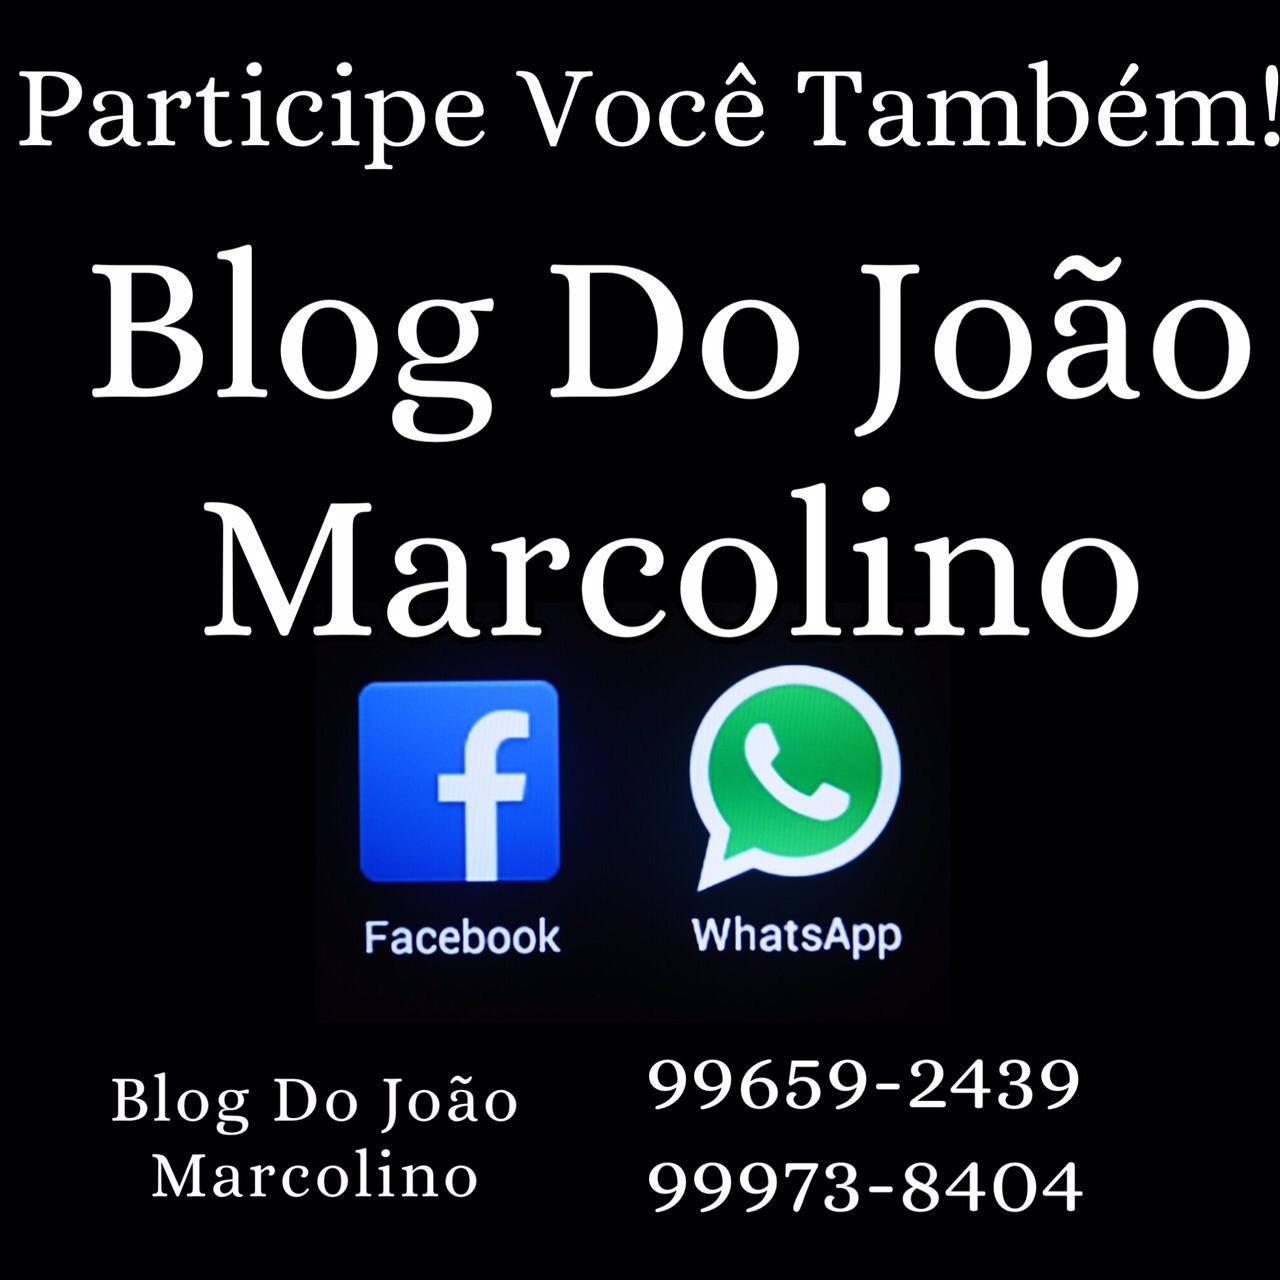 Blog do João Marcolino o melhor da região!